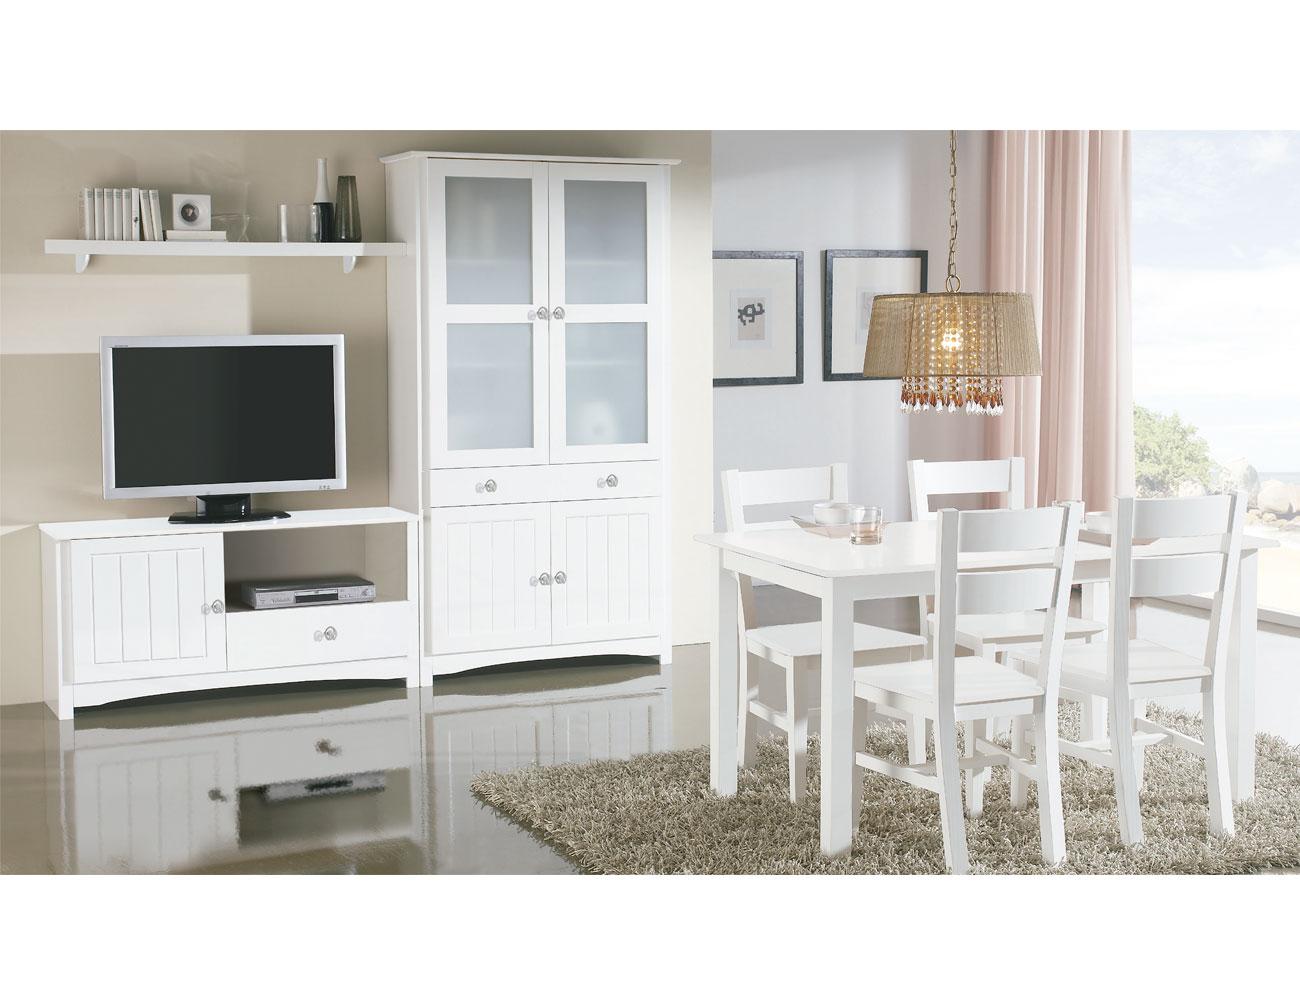 Mueble aparador 3 puertas 3 cajones en madera color for Mueble salon 3 metros